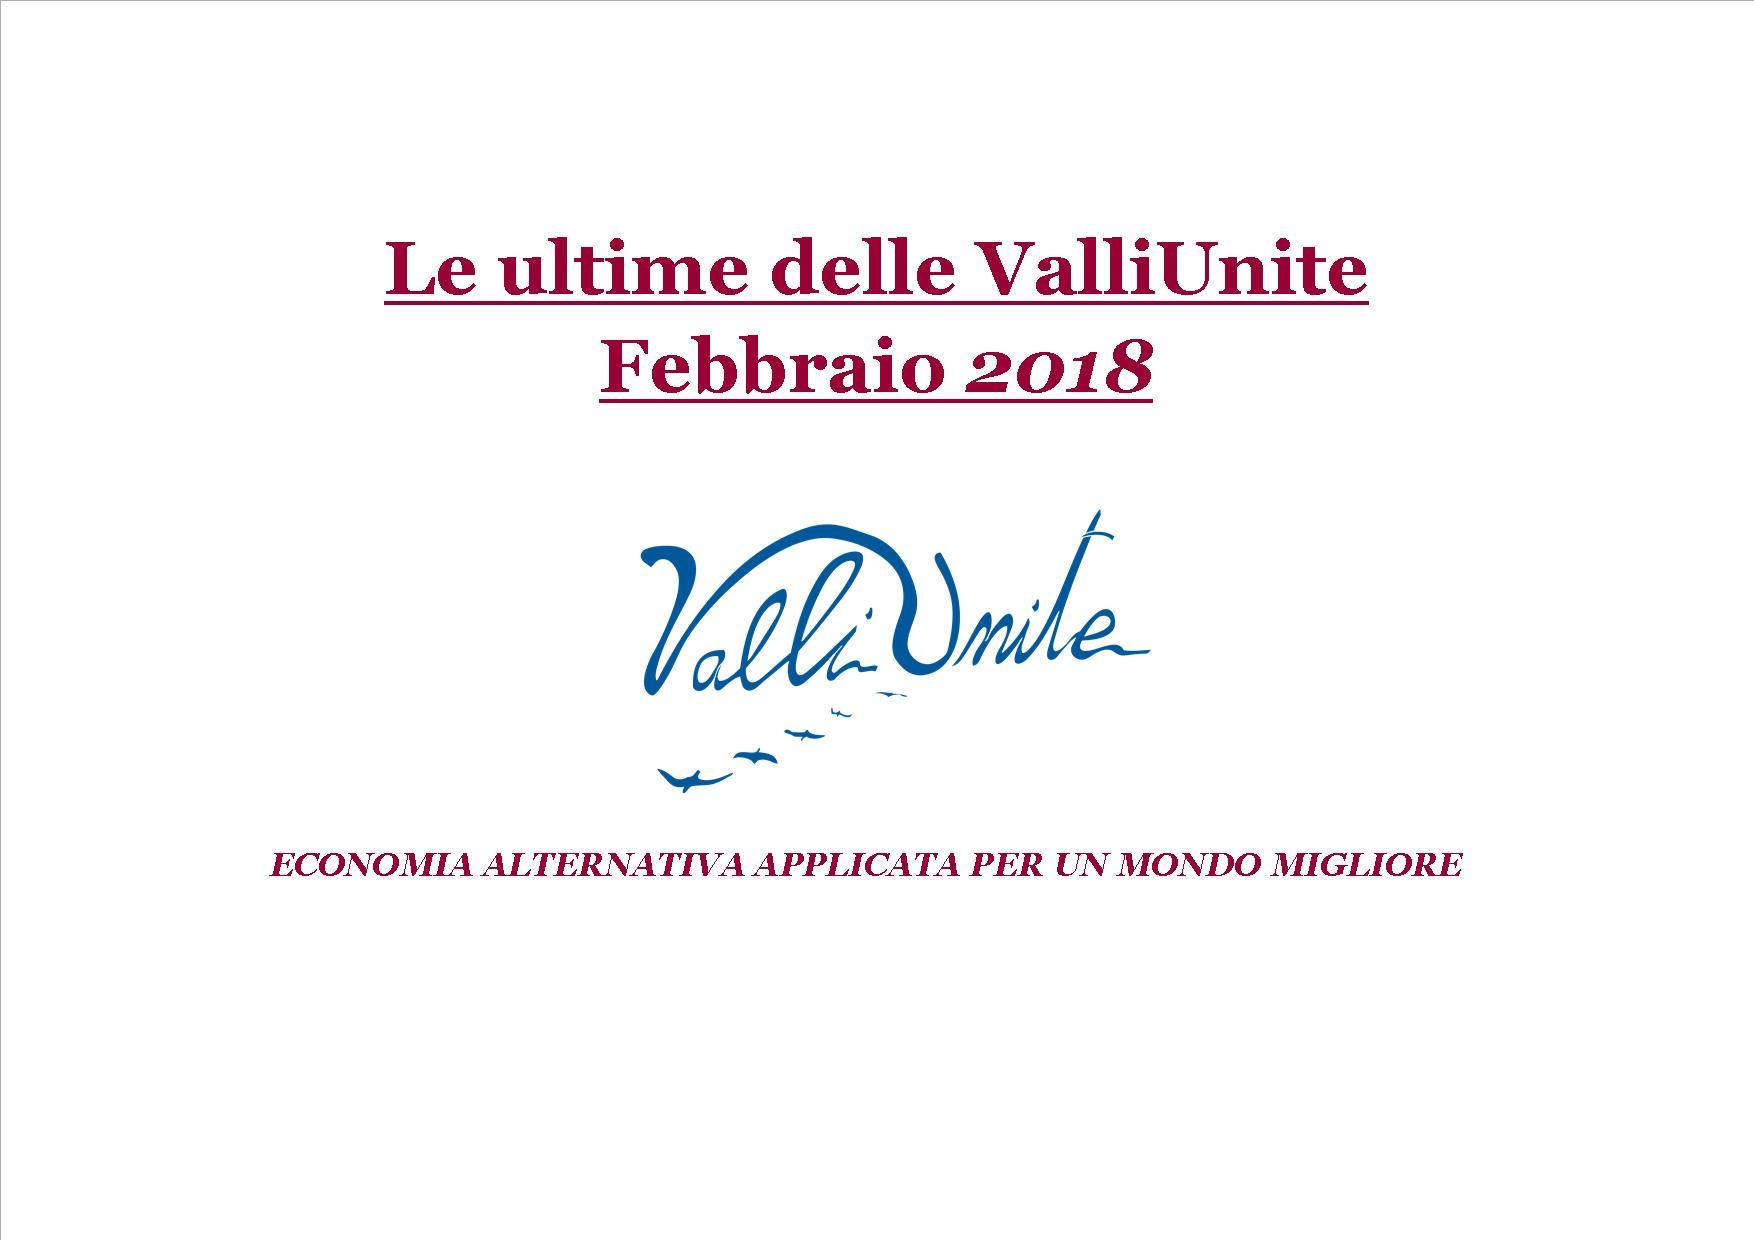 Le Ultime delle Valli Unite Febbraio 2018